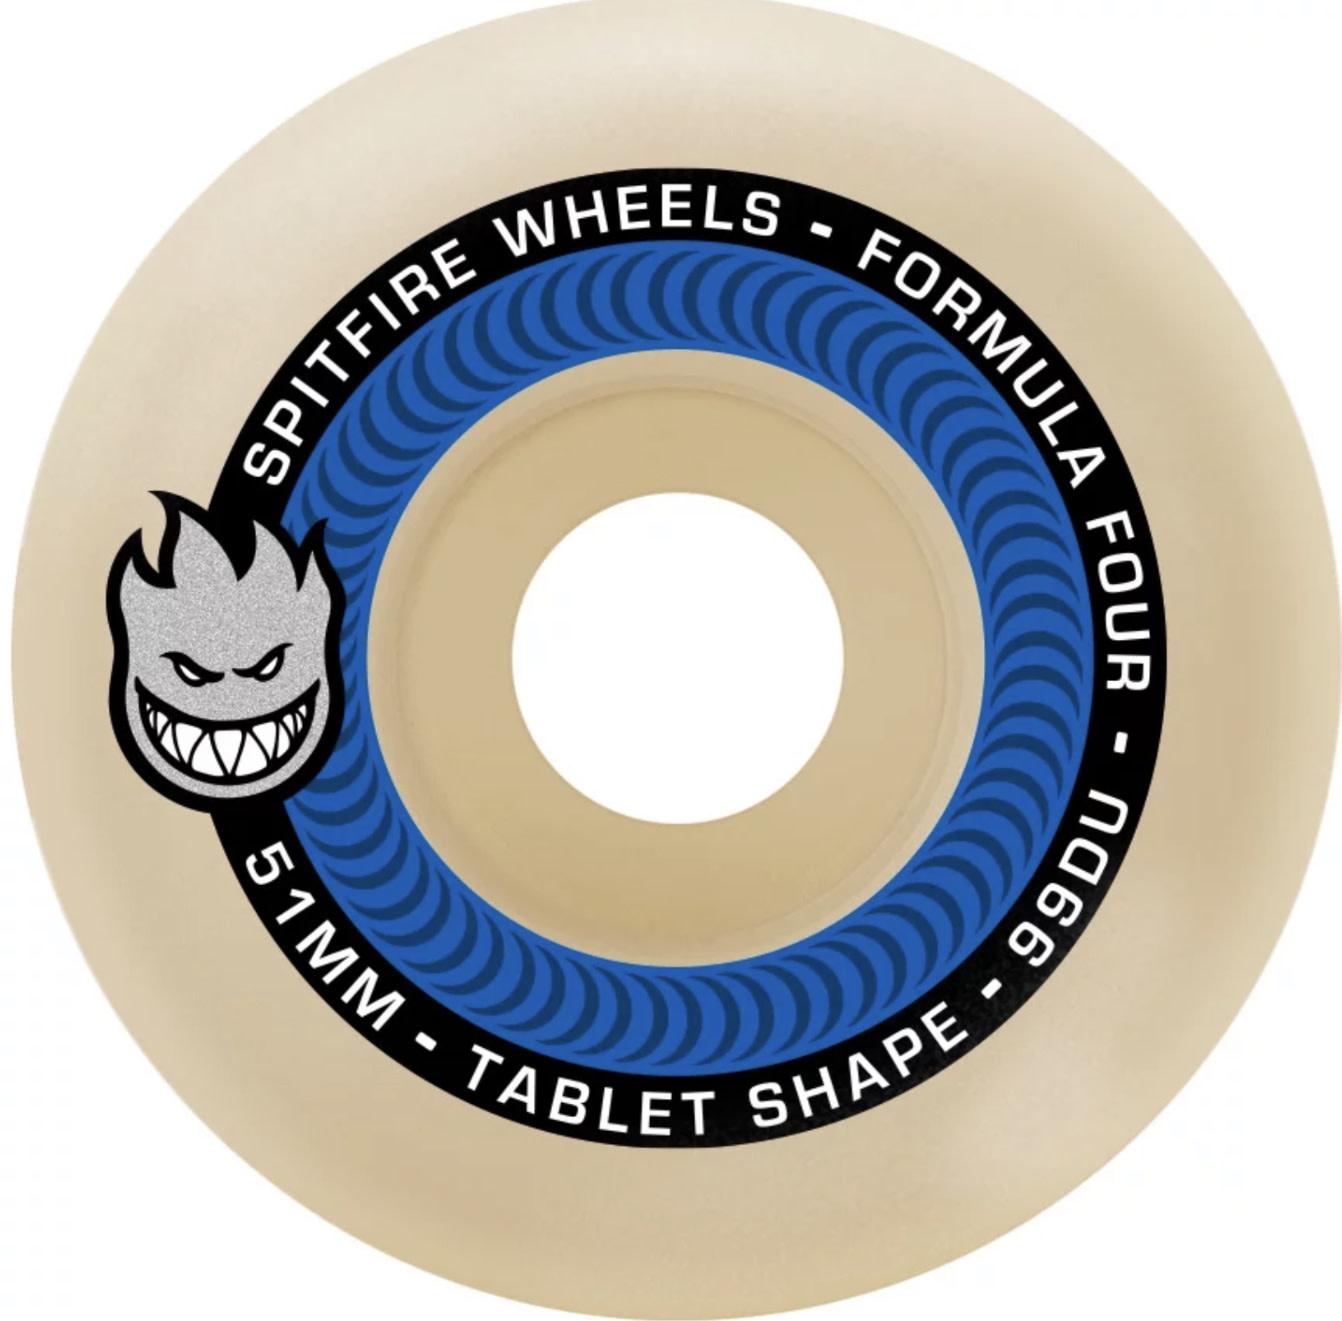 Spitfire Spitfire - Formula Four 99 Tablets